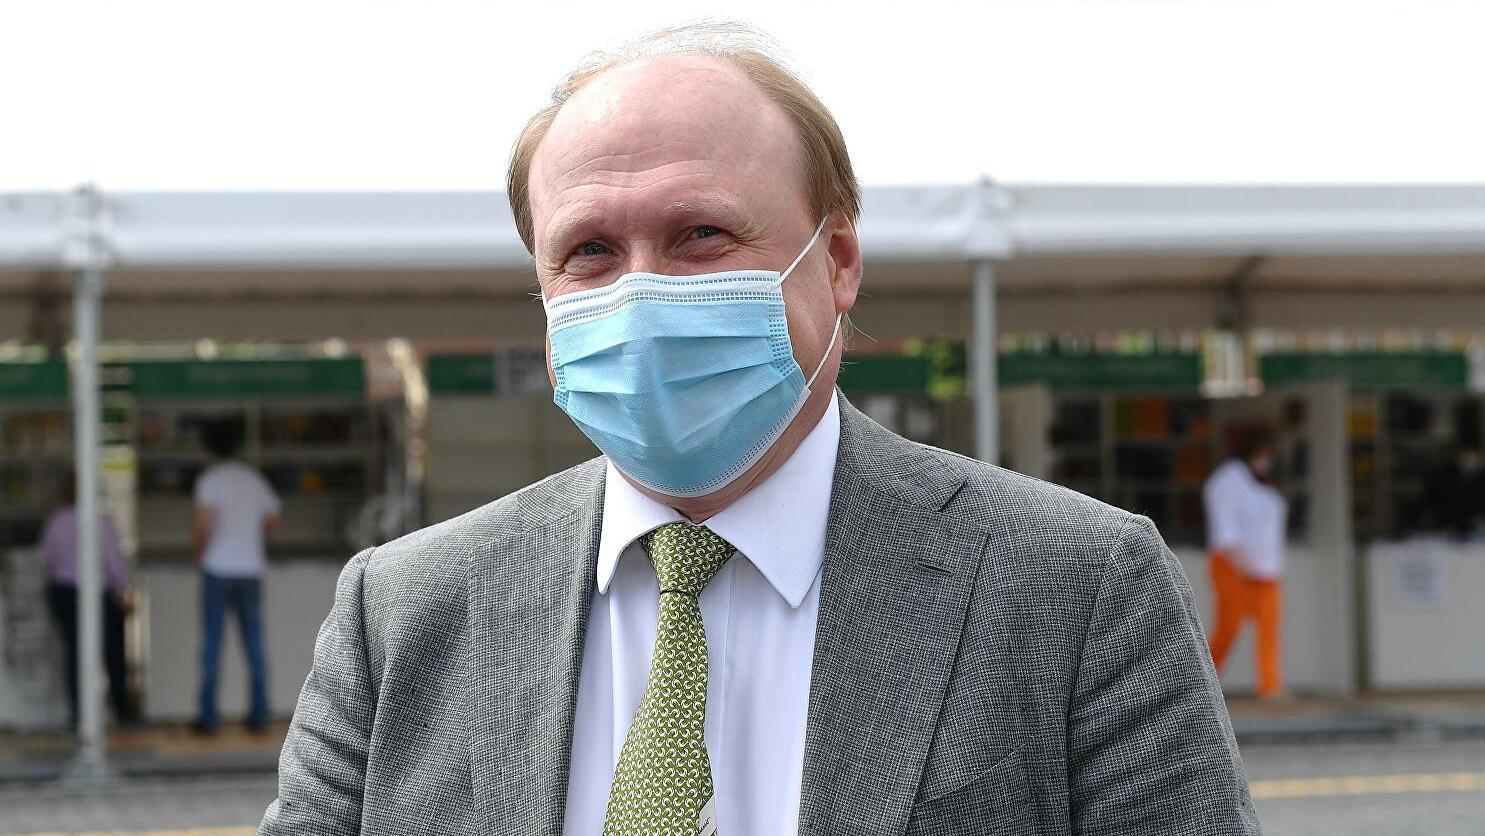 俄罗斯总统文化顾问确诊新冠肺炎